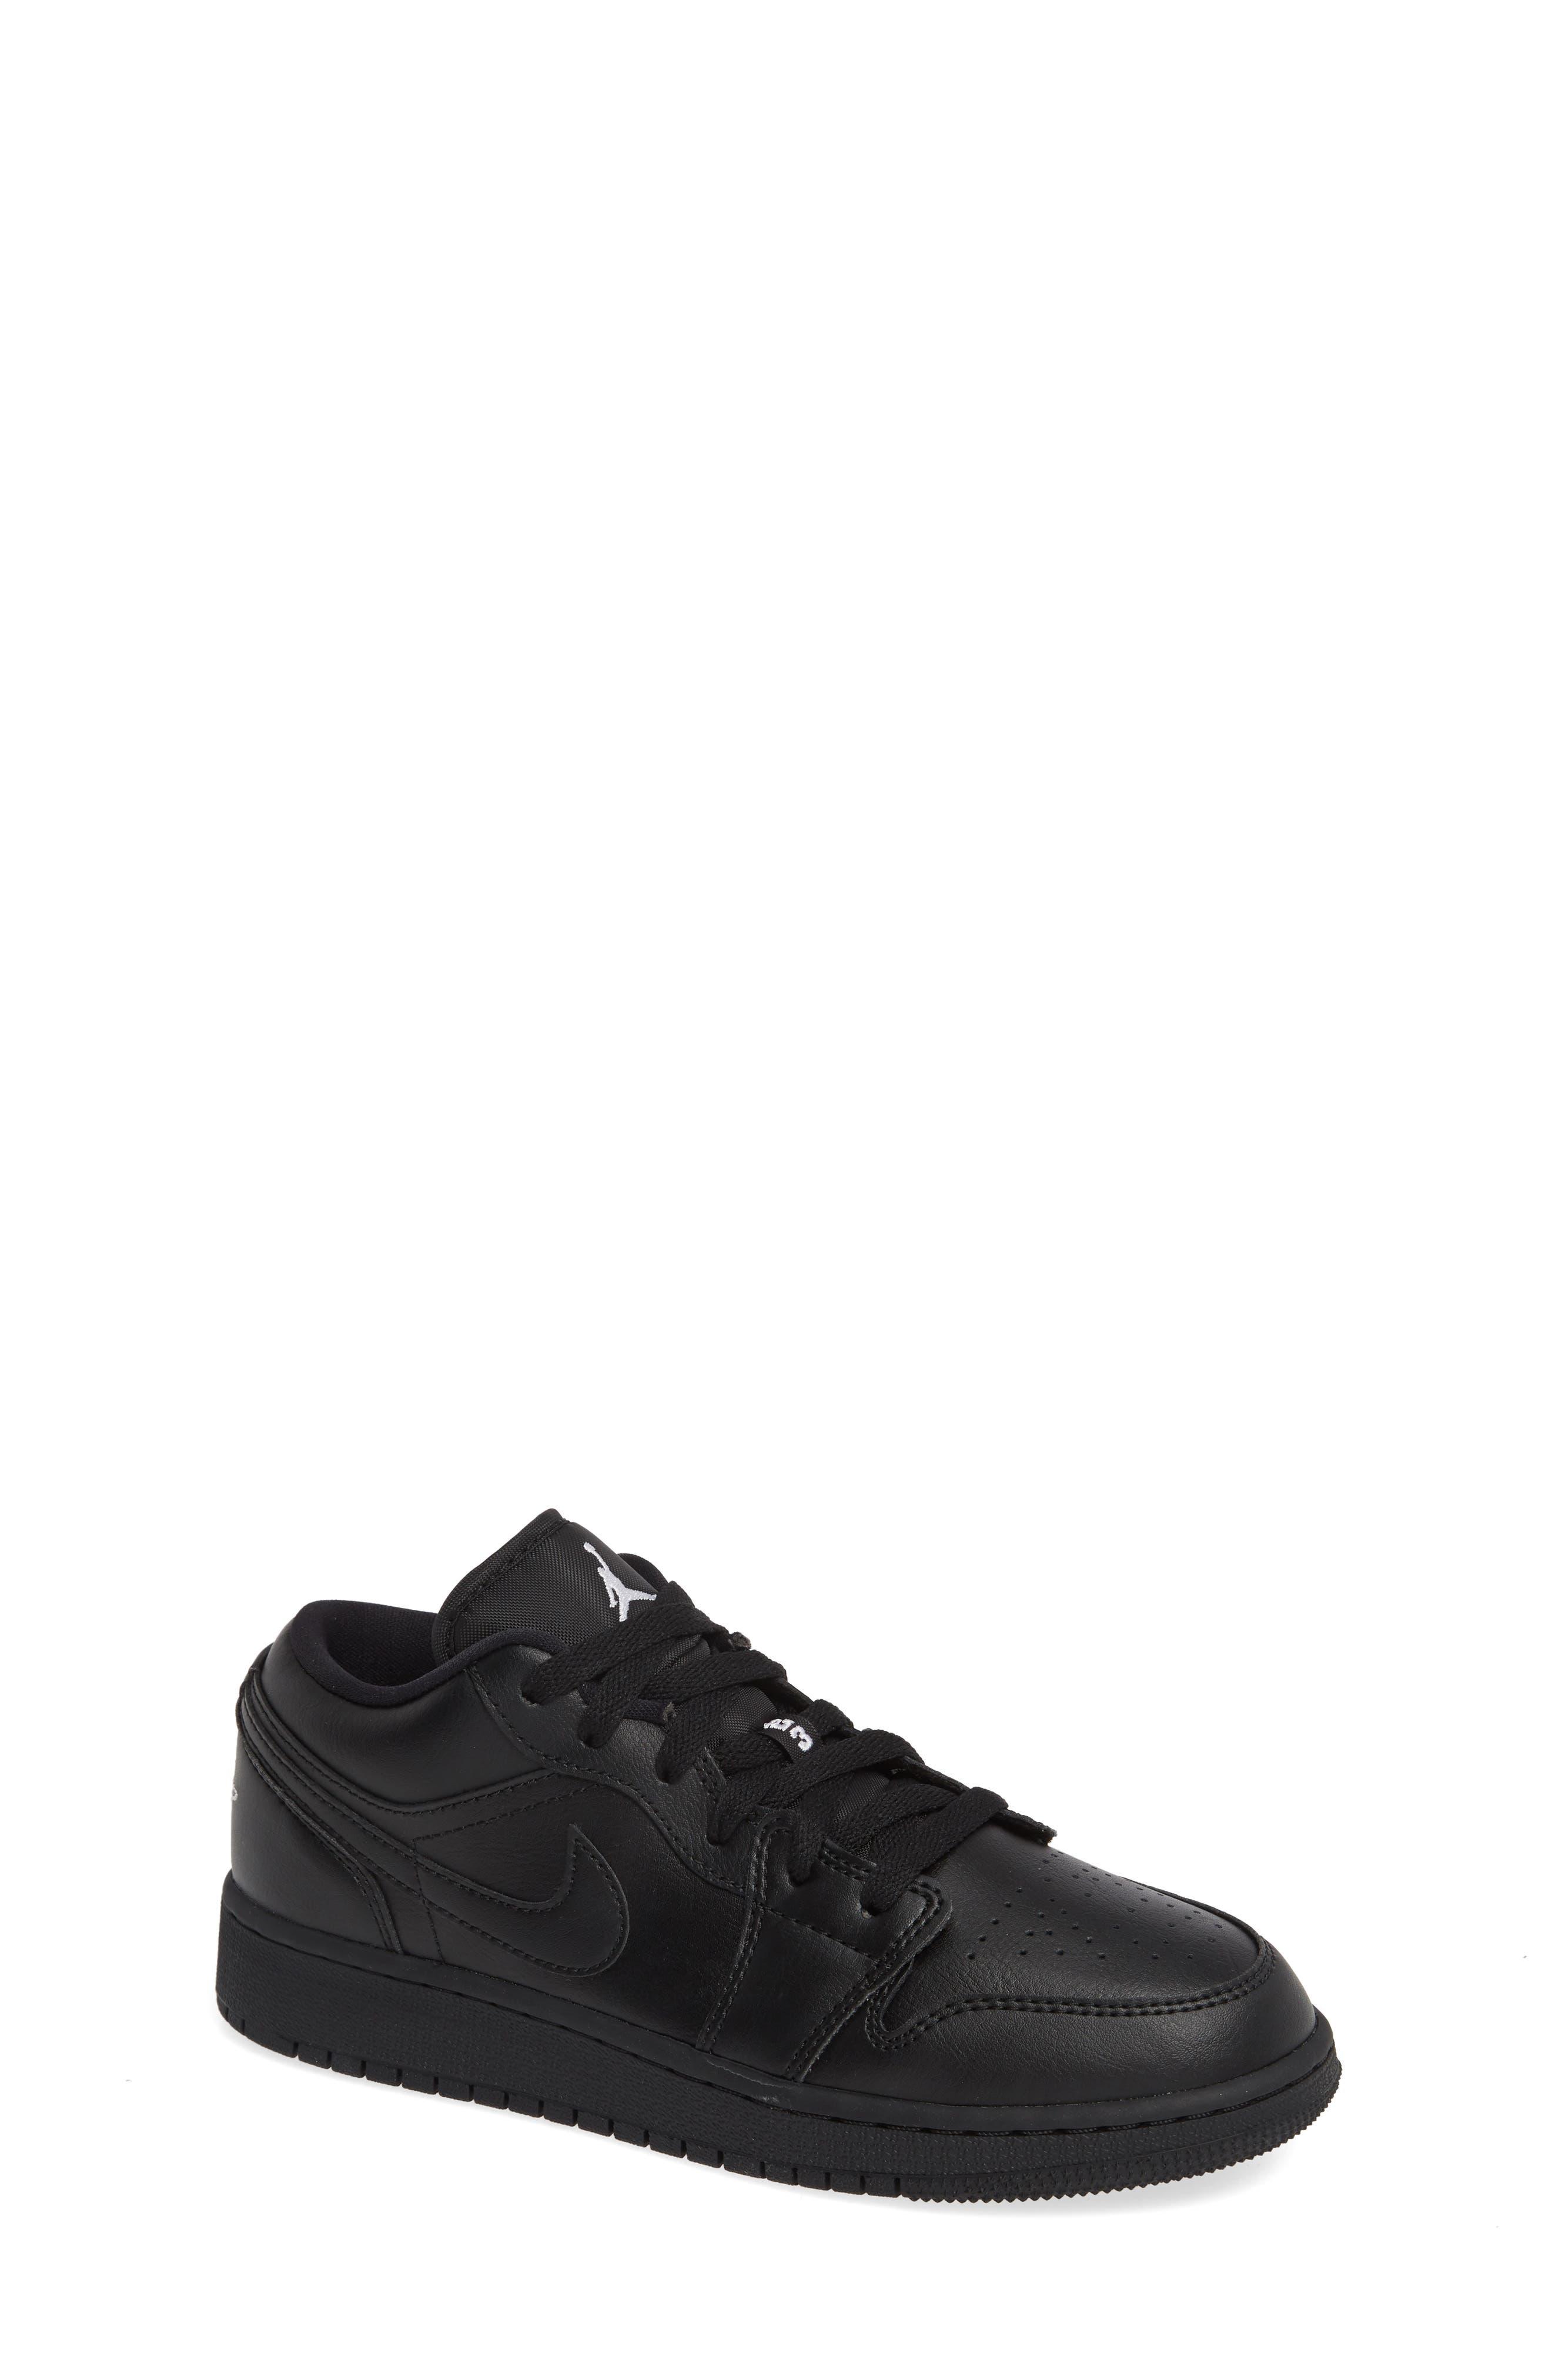 Nike 'Air Jordan 1 Low' Sneaker, Main, color, BLACK/ WHITE/ BLACK